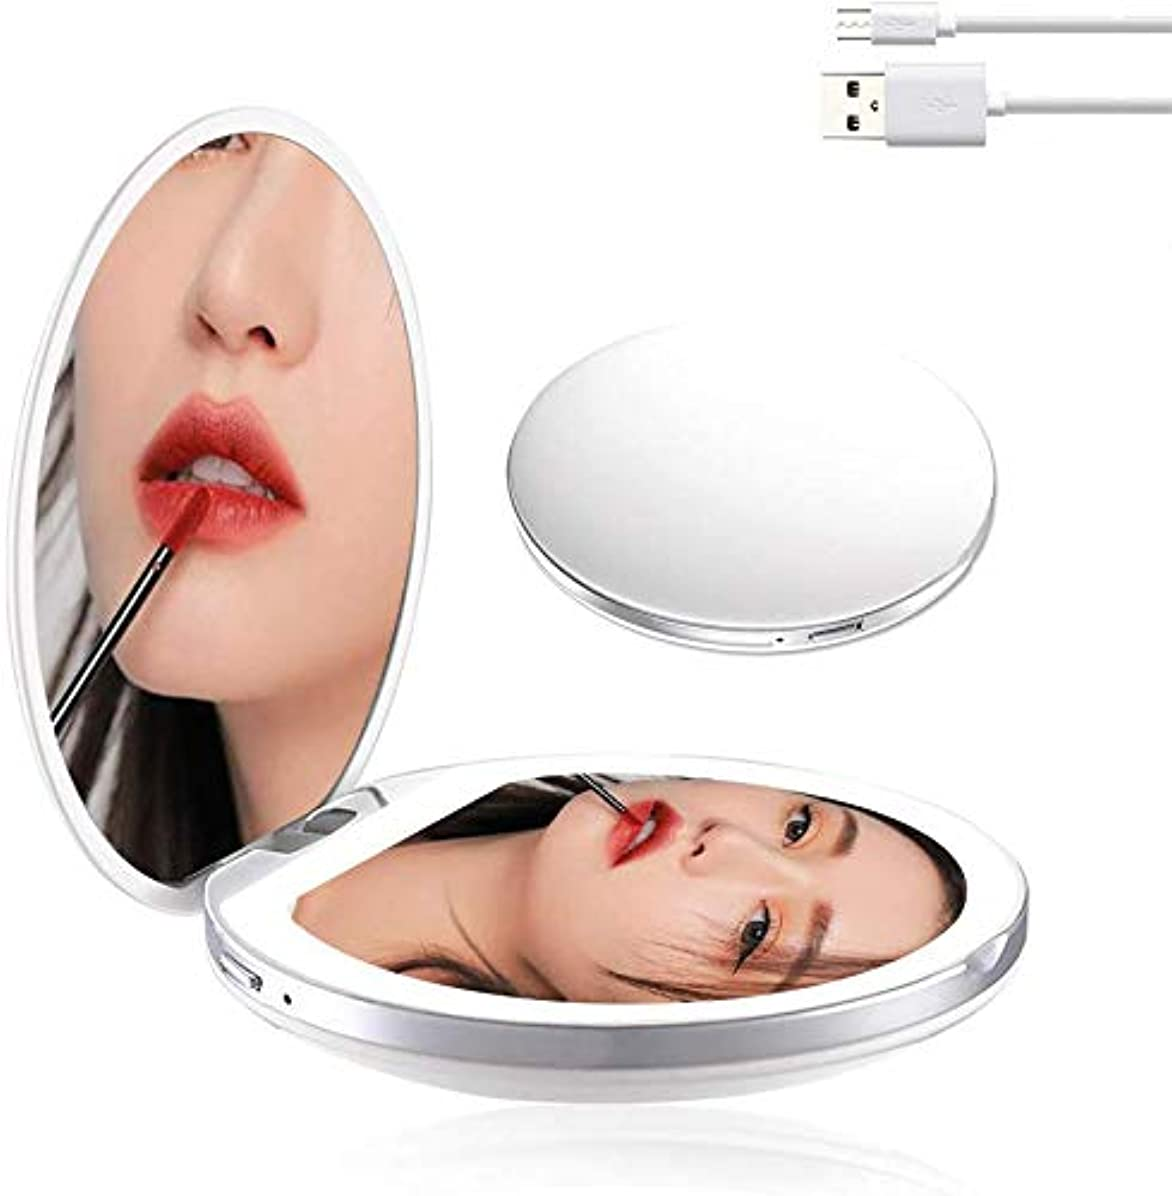 悪魔常習的風味携帯ミラー 化粧鏡 LED手鏡 両面ミラー 折り畳み式鏡 コンパクトミラー 3倍拡大 持ちやすい ファッション 便利軽量 ファッション USB充電 明るさ調節可能 (ホワイト)